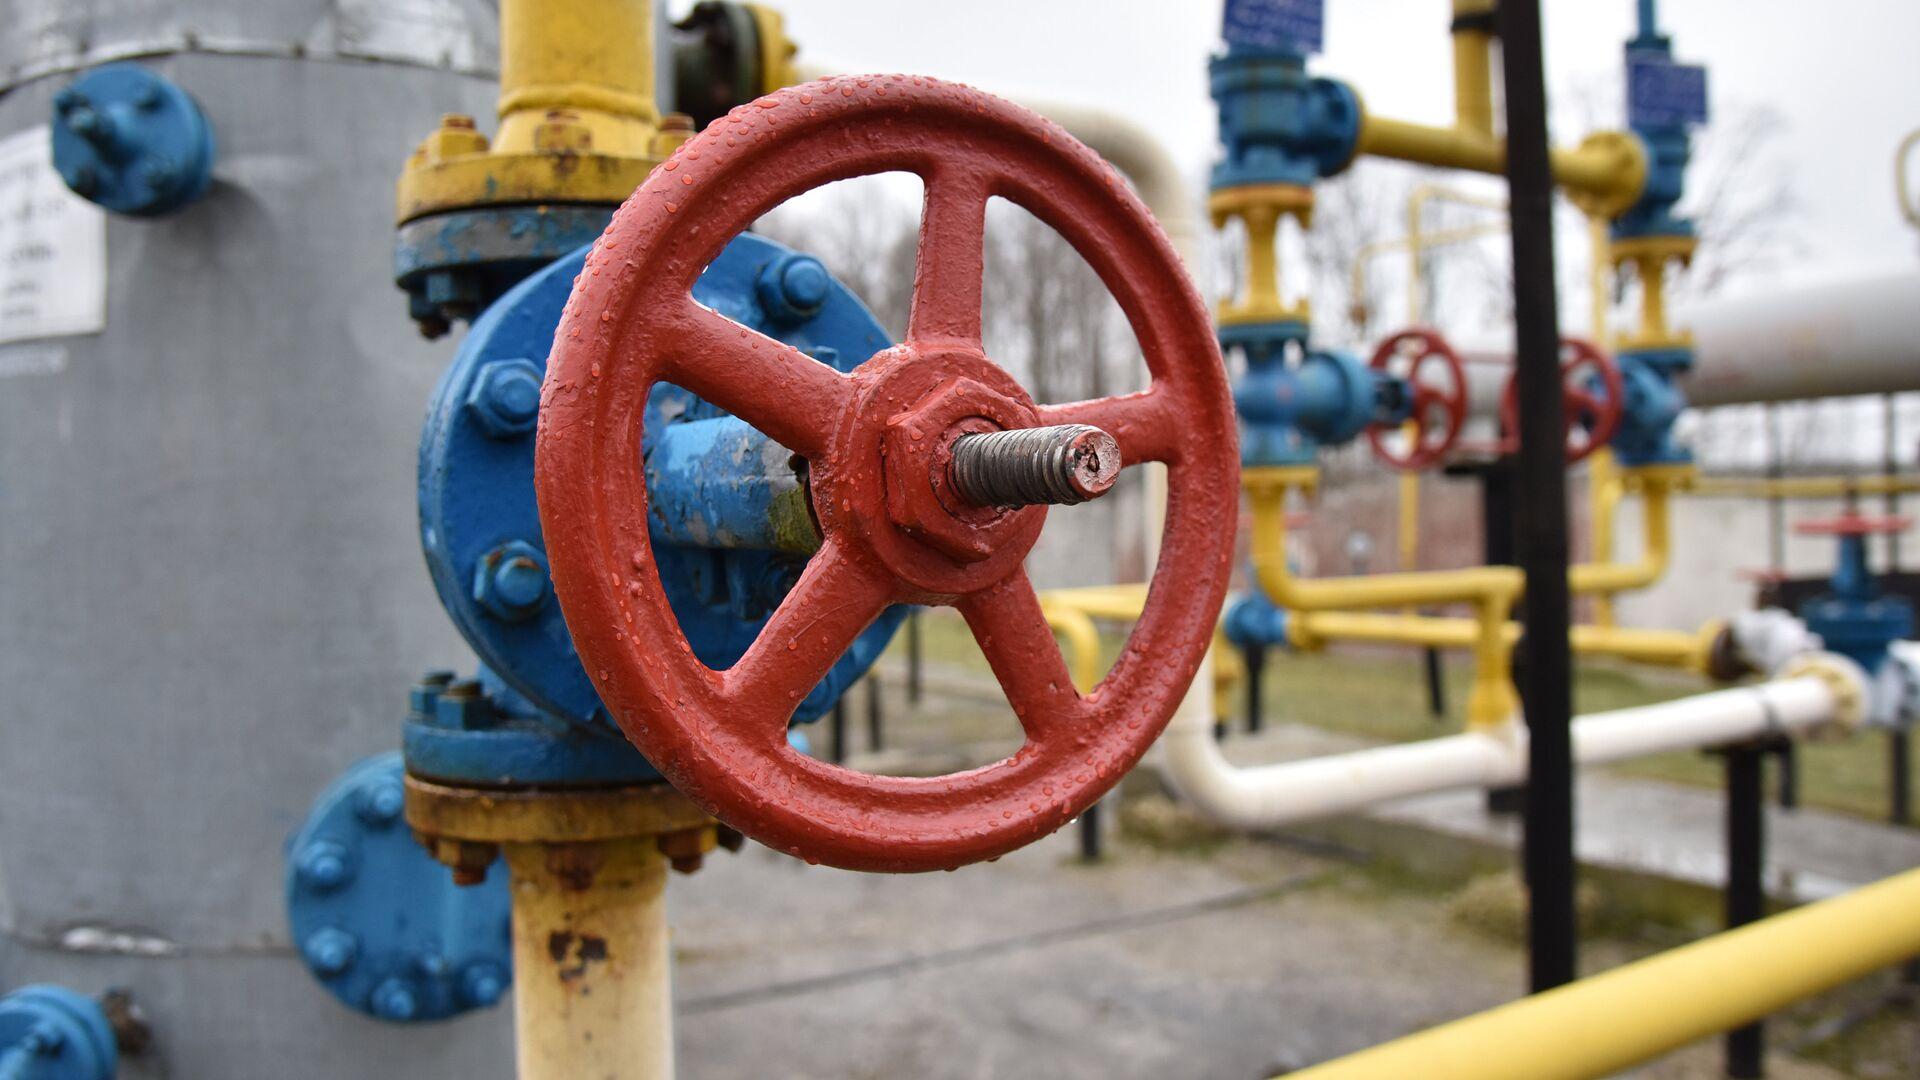 Немецкий политик Вебер обвинил Россию в использовании газа как политического оружия